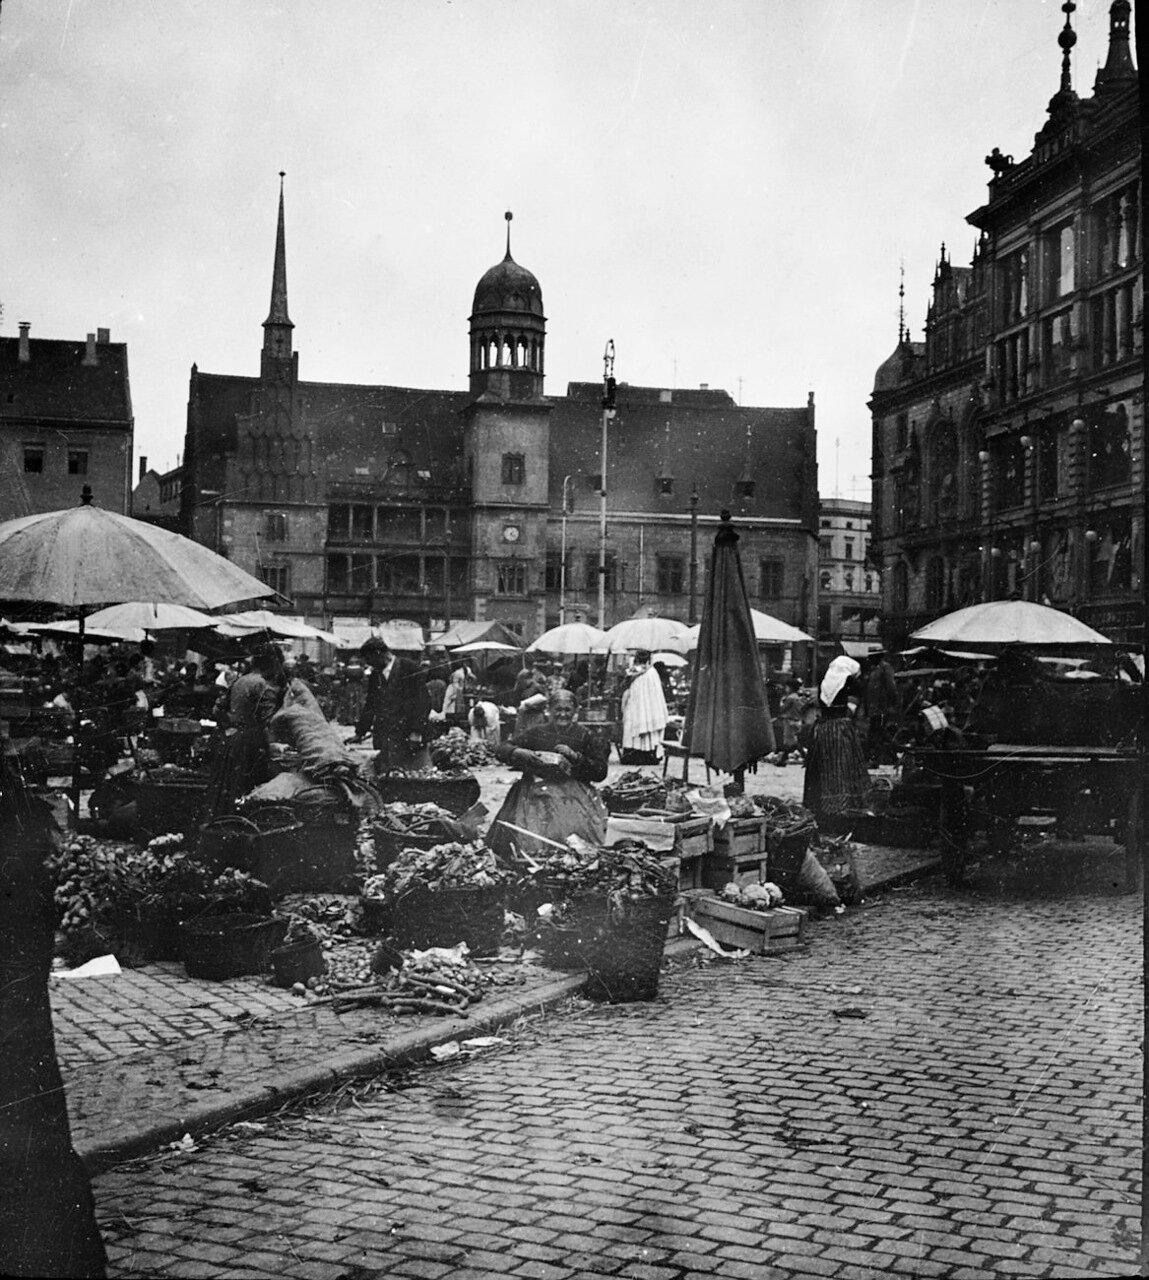 Галле. Рынок на площади перед ратушей в Галле, 1902